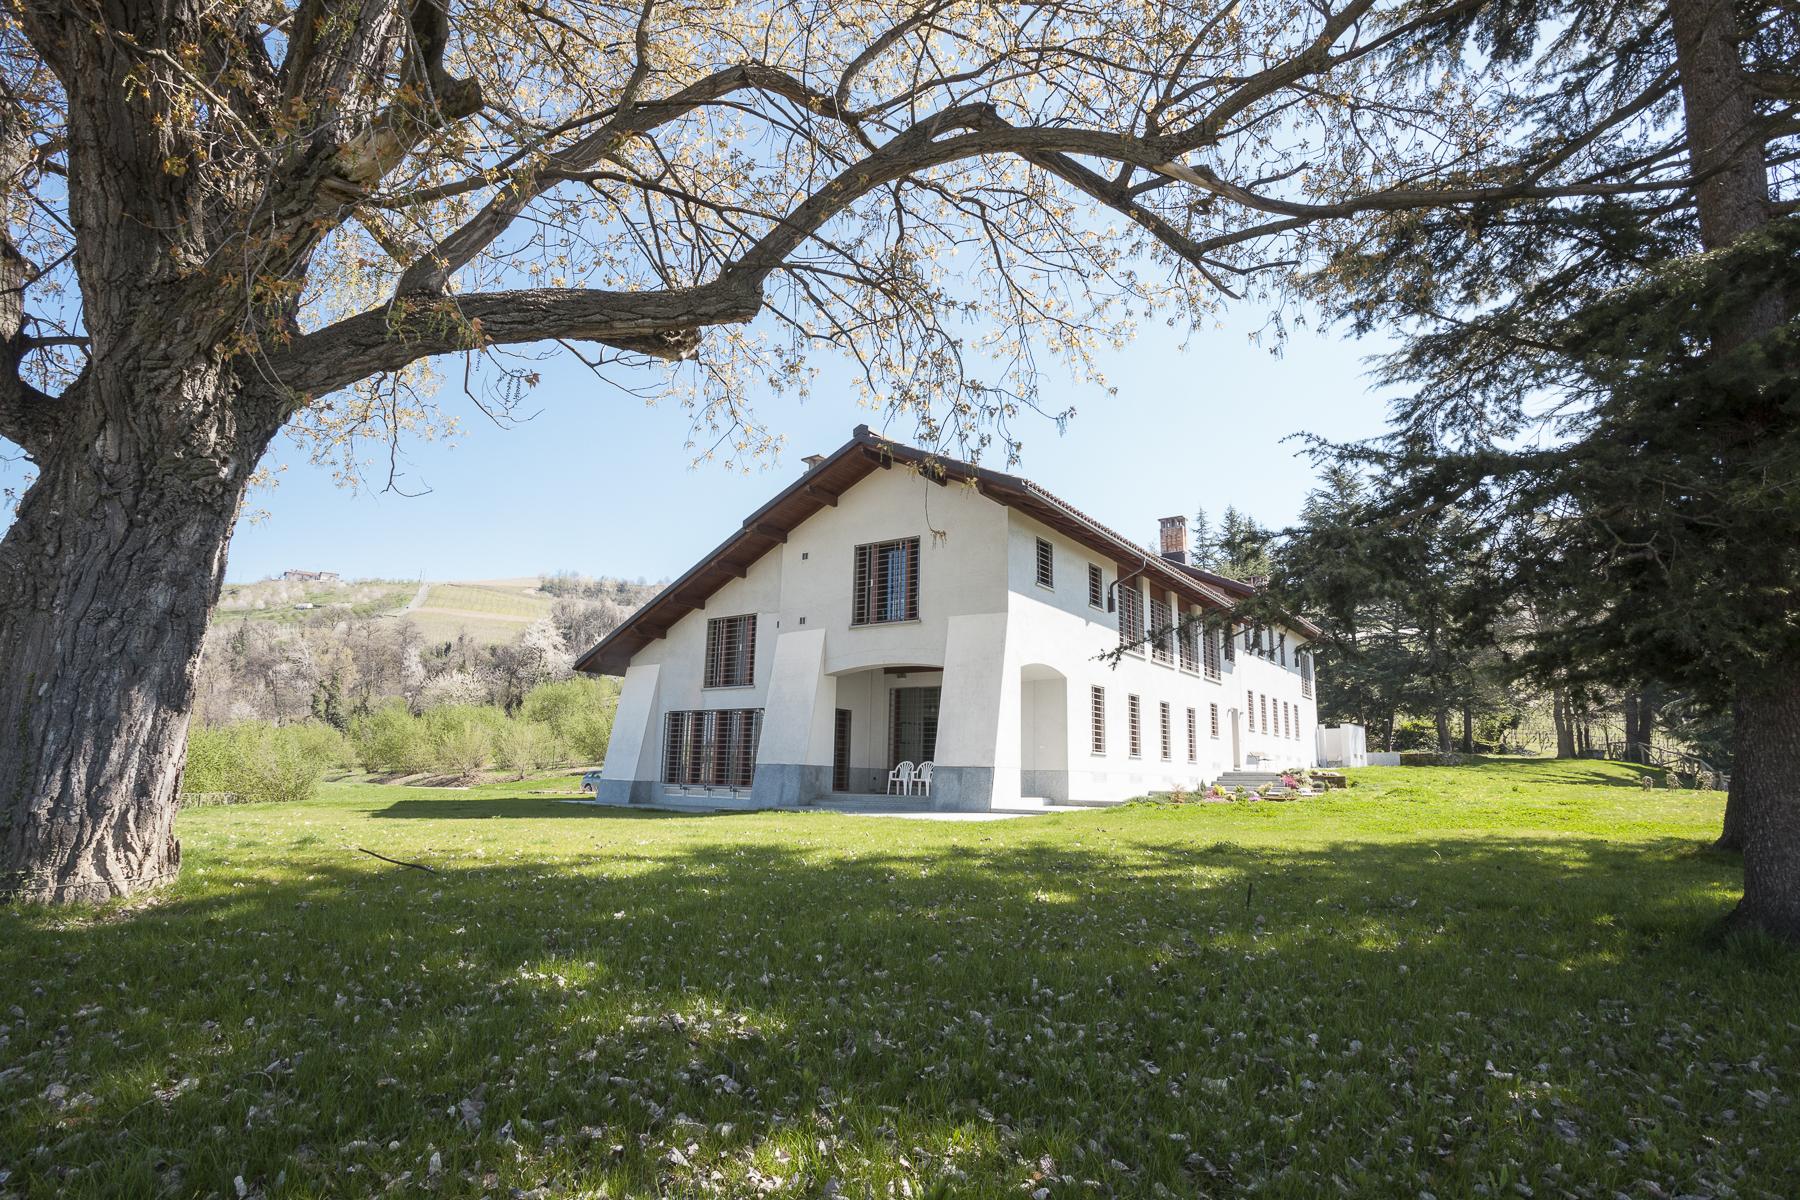 Single Family Home for Sale at Magnificent villa with swimming pool in Alba Località Santa Rosalia Alba, Cuneo 12051 Italy